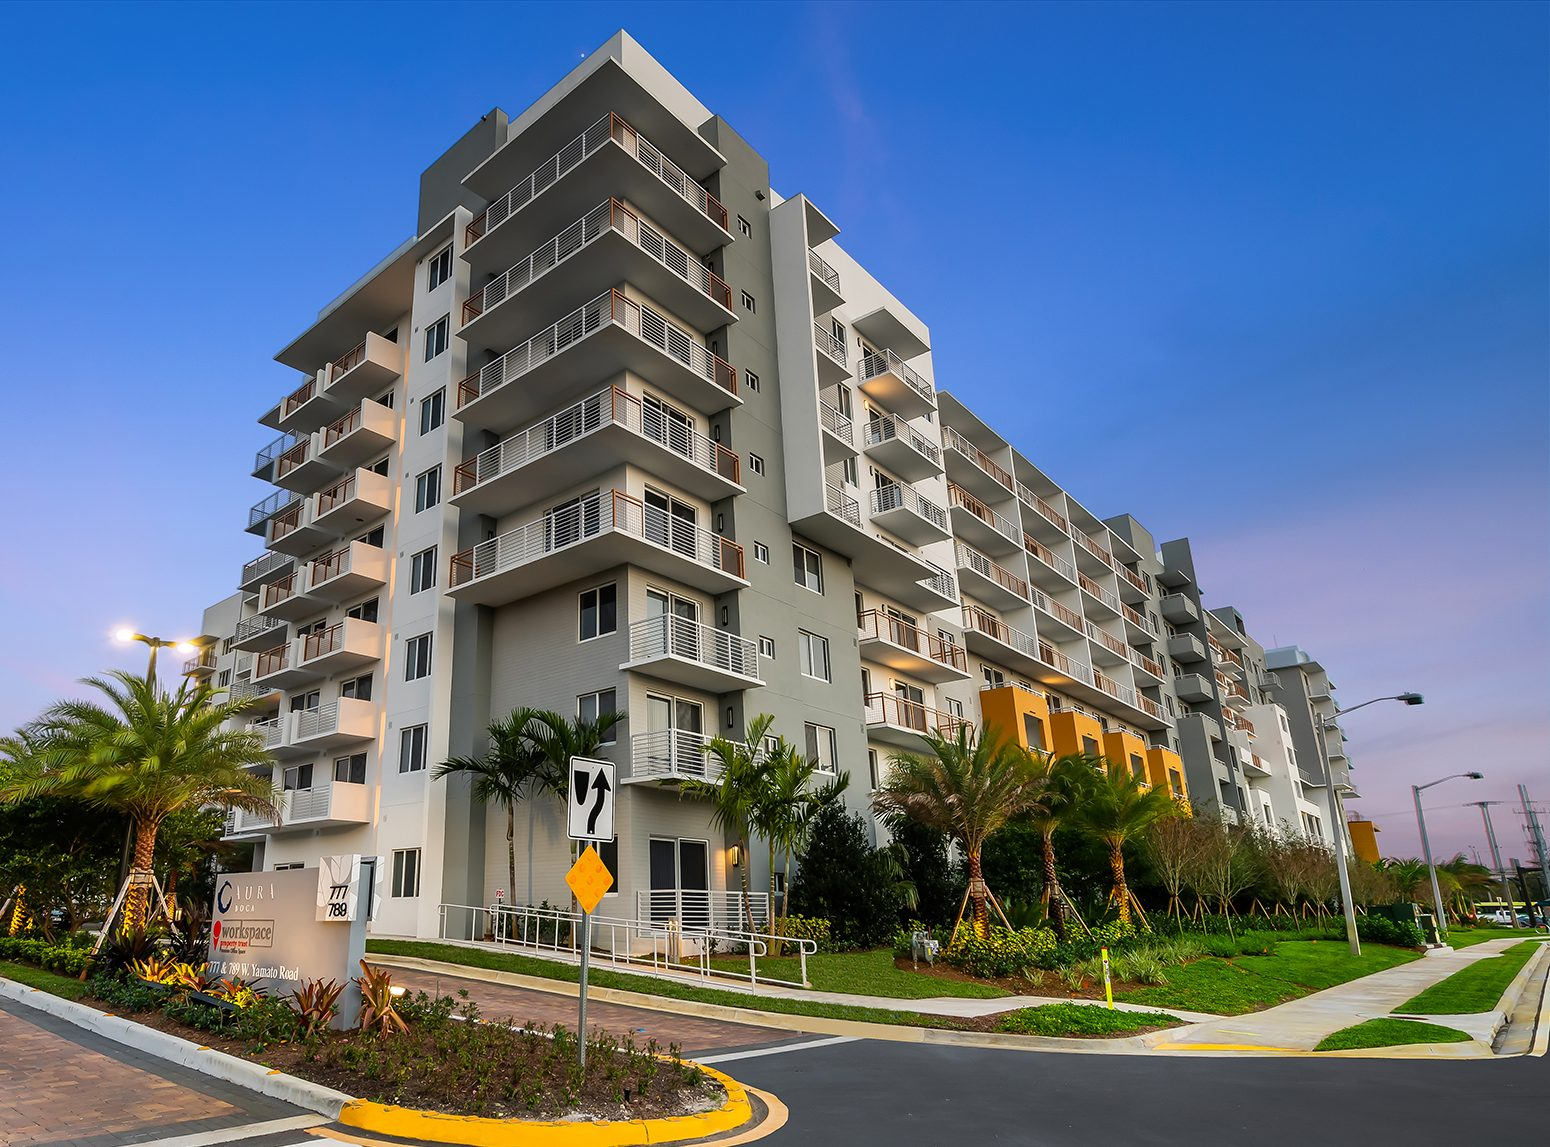 Aura Boca building exterior apartments